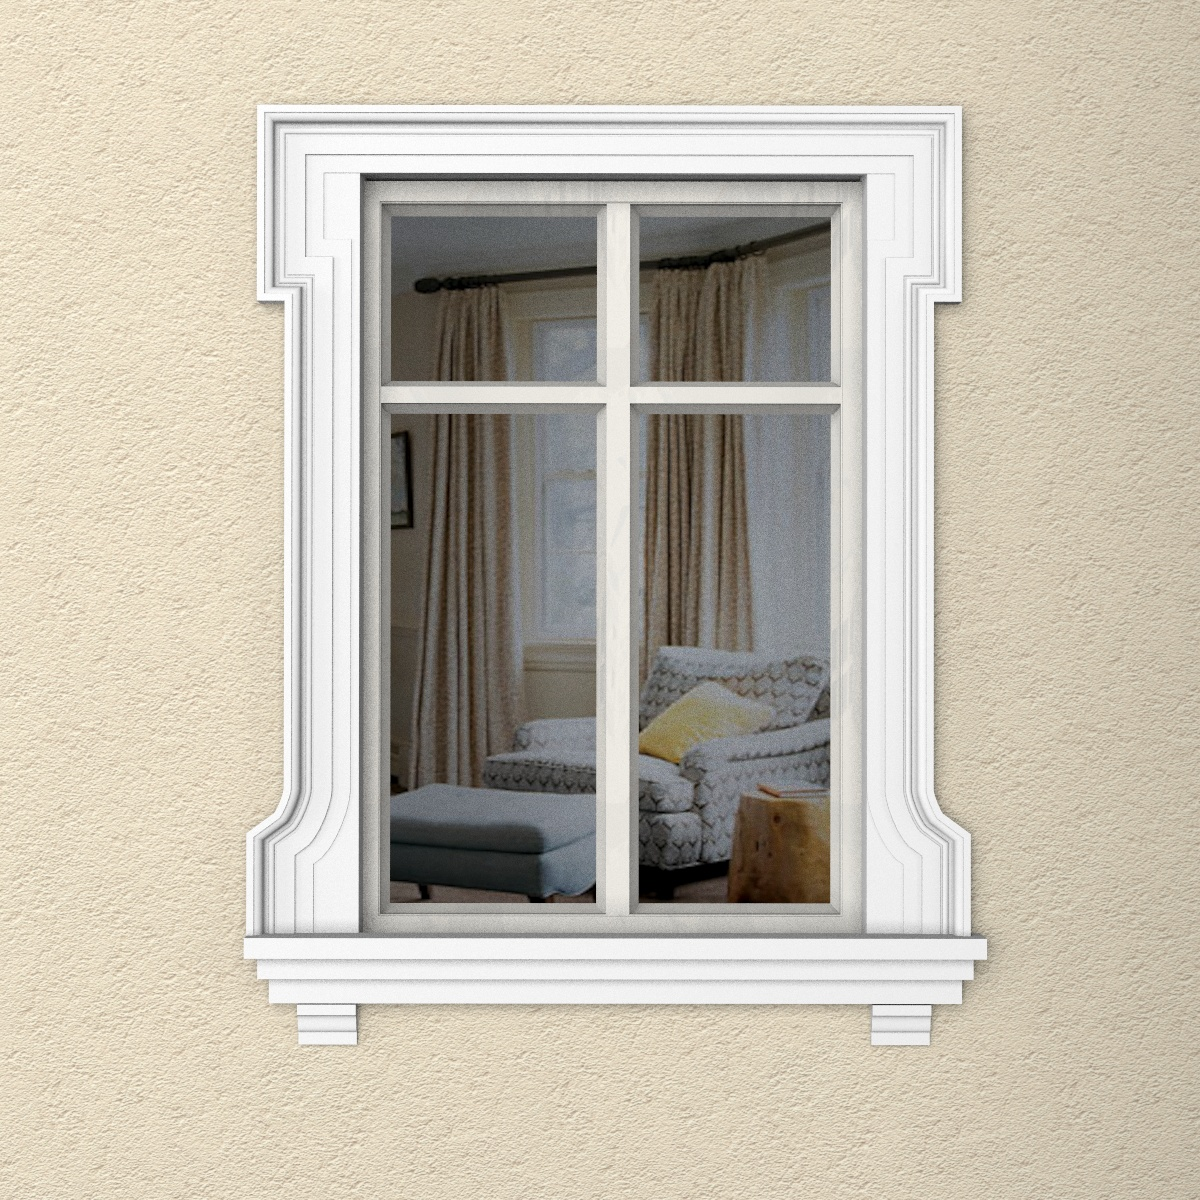 Наличник на окно из пенополистирола